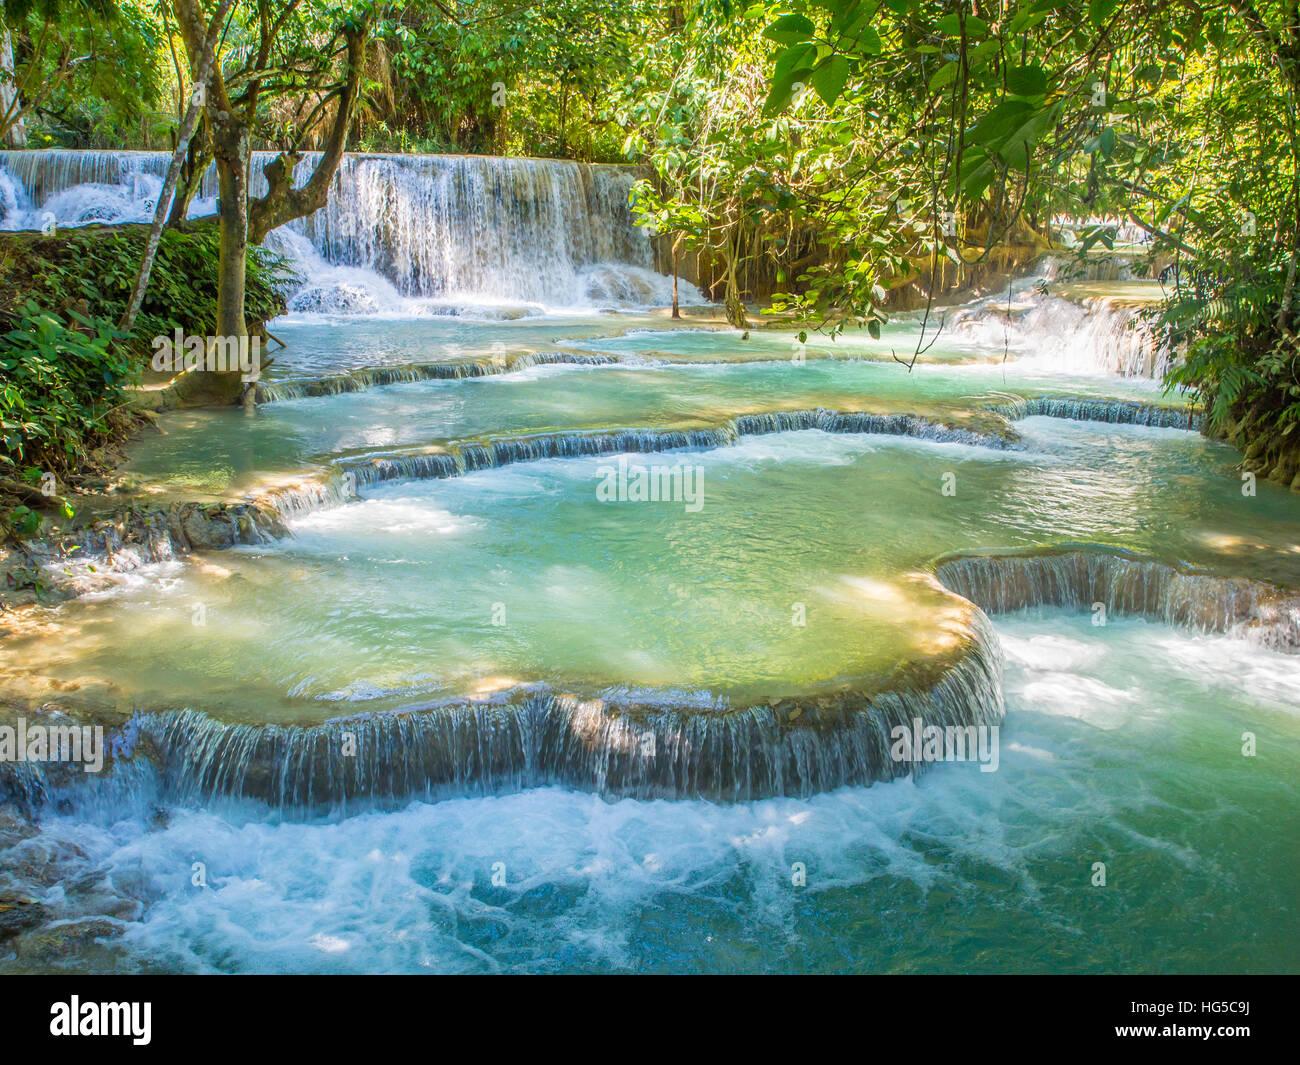 Keang Si Wasserfälle in der Nähe von Luang Prabang, Laos, Indochina, Südostasien, Asien Stockbild